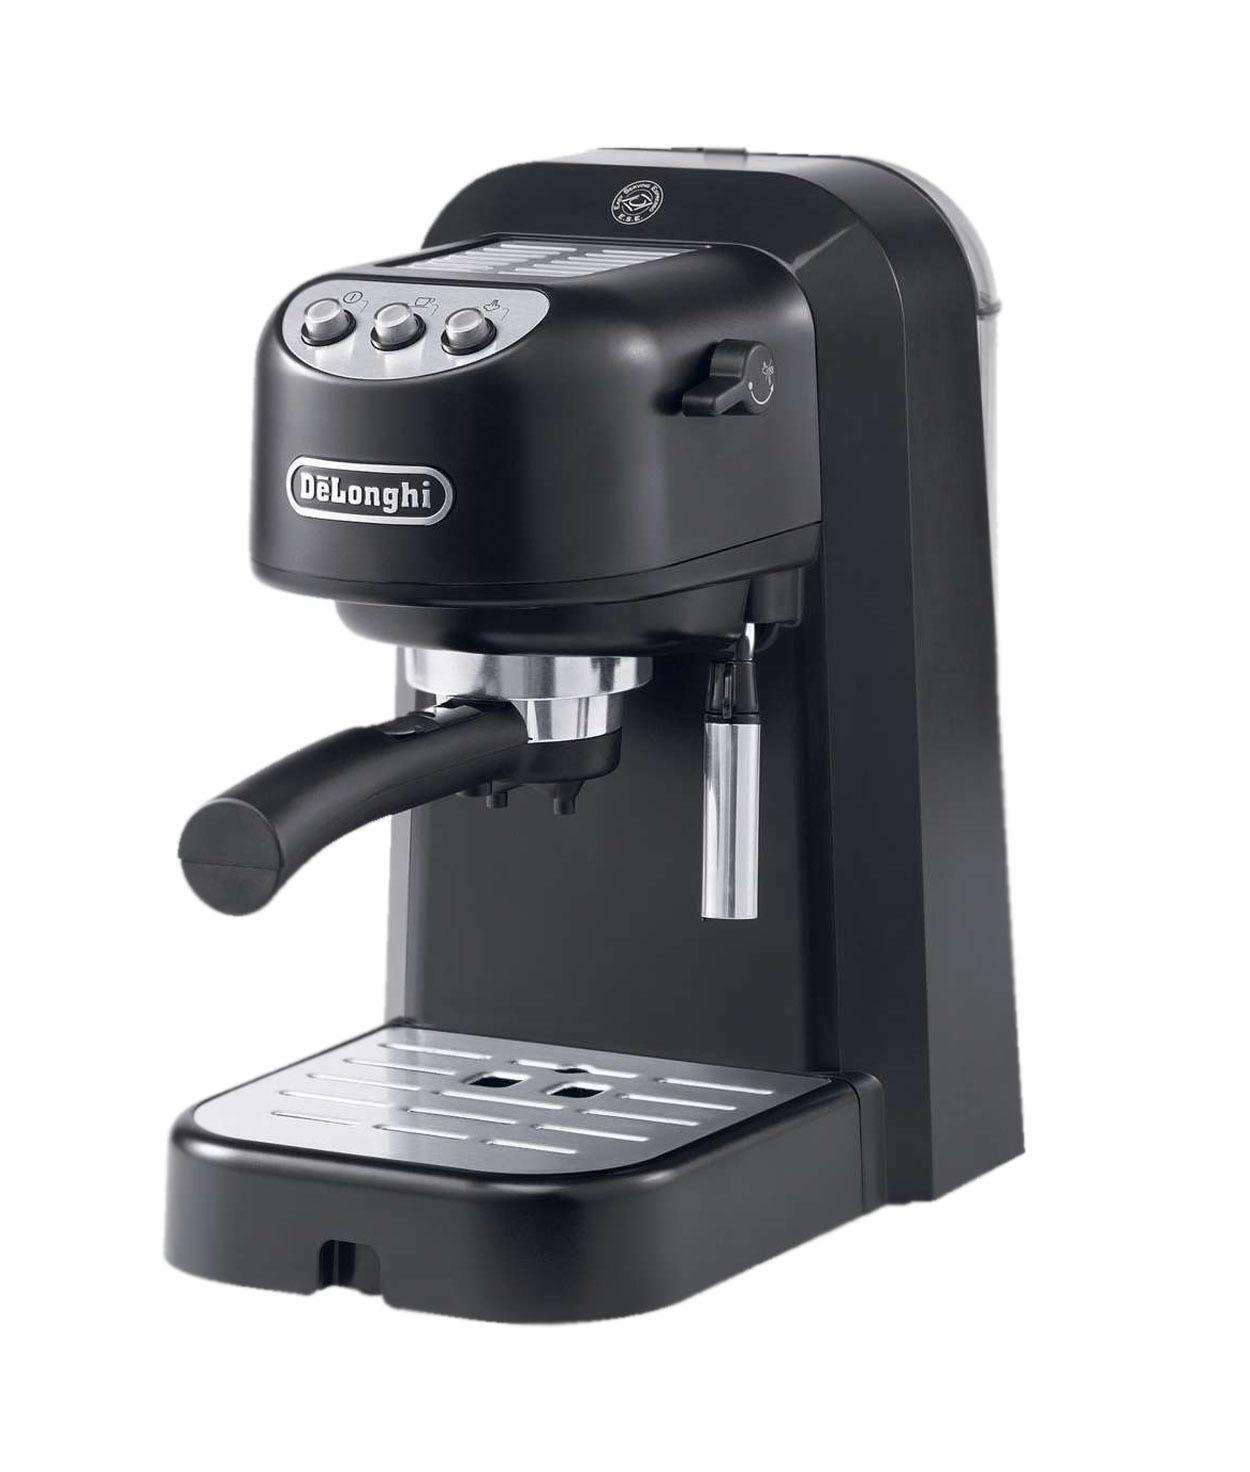 Кофеварка DelonghiКофеварки<br>Тип: эспрессо,<br>Тип используемого кофе: молотый,<br>Мощность: 1100,<br>Объем резервуара для воды: 1.1,<br>Макс. давление: 15<br>